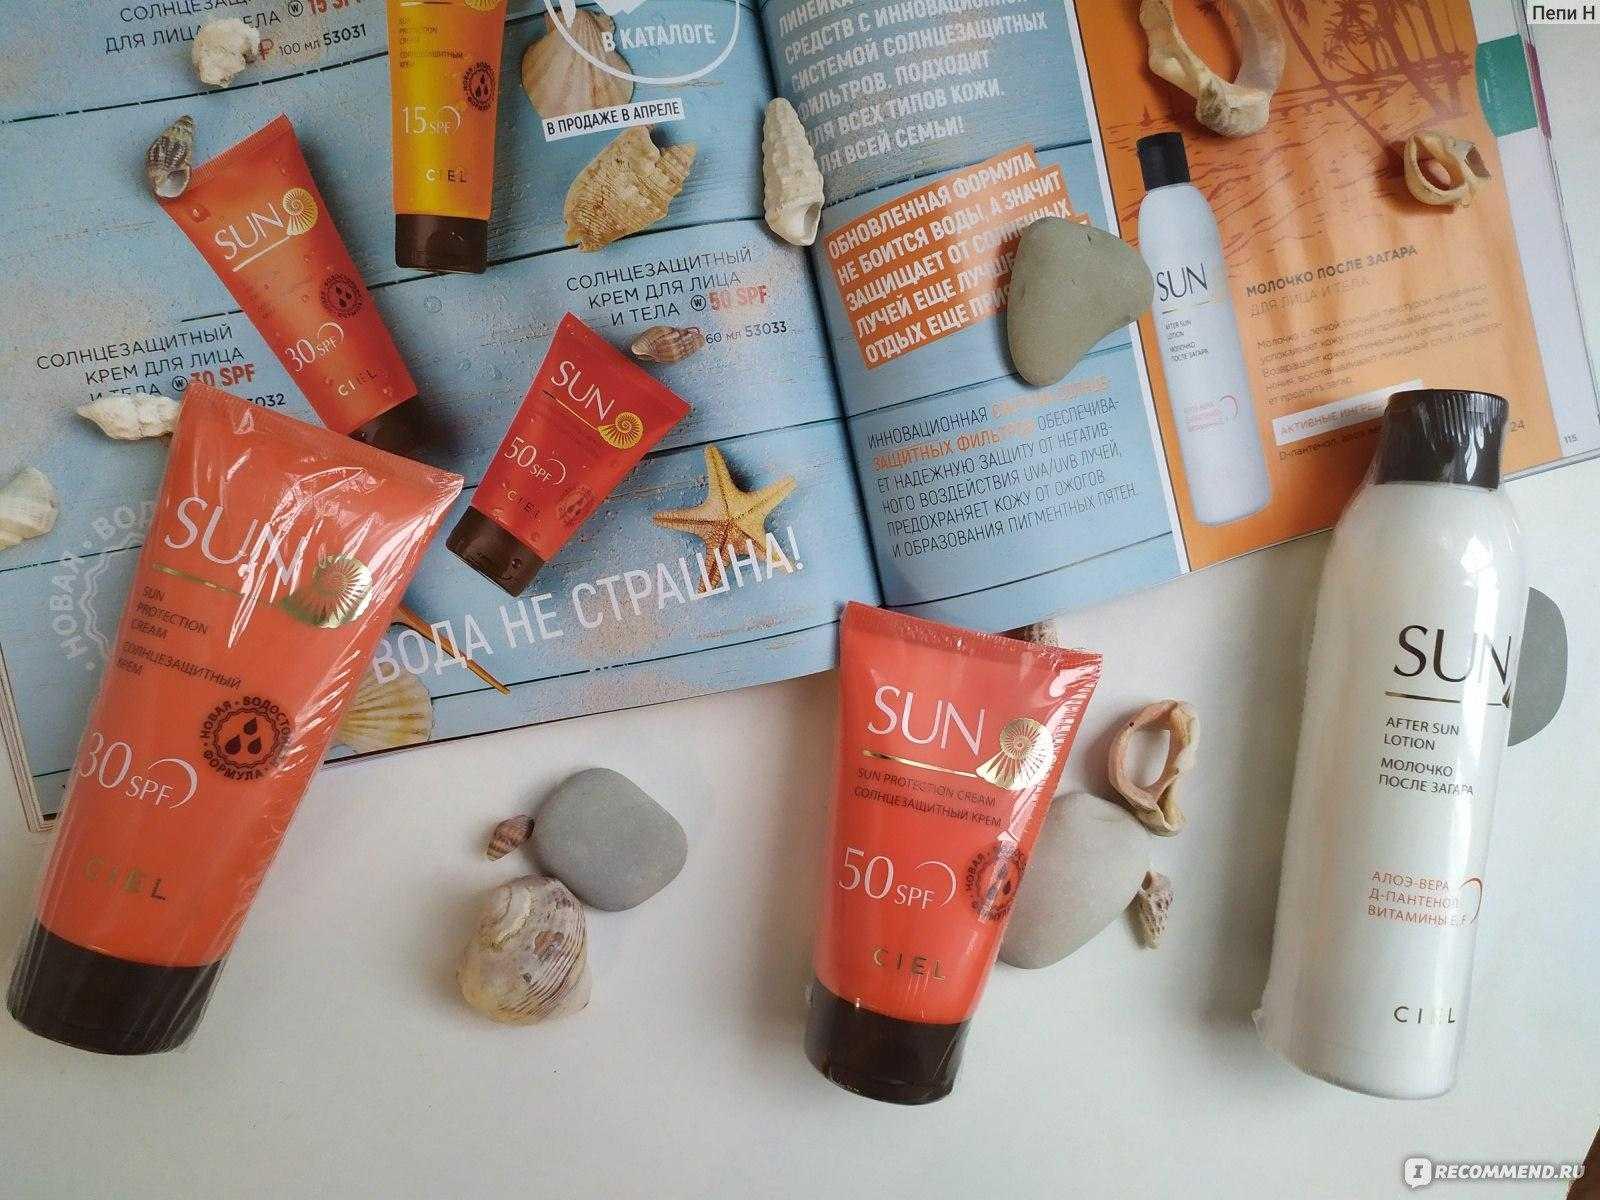 Готовим кожу к пляжному сезону: профилактика солнечных ожогов